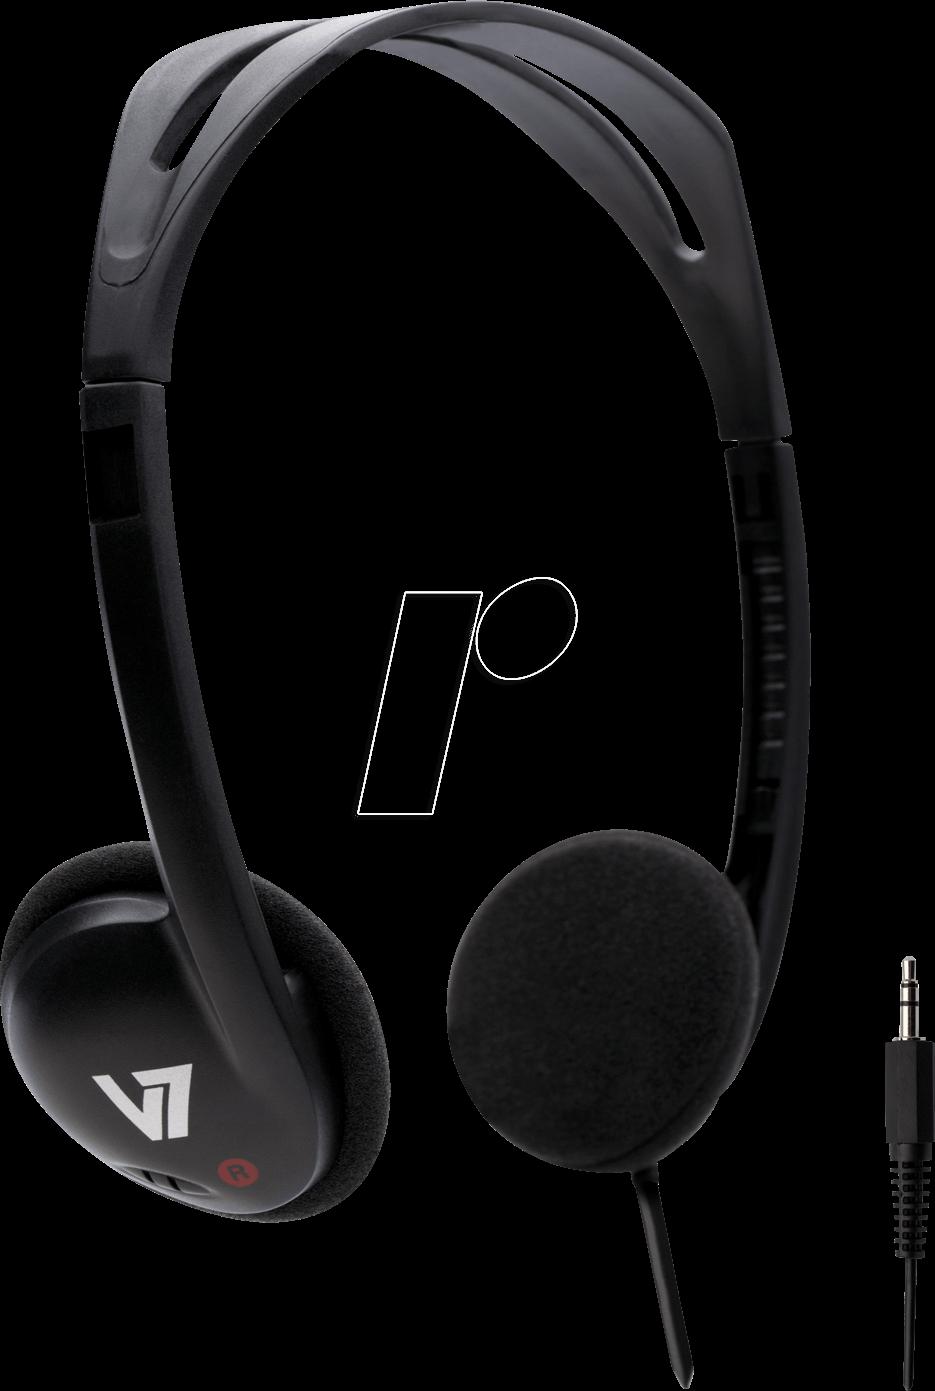 V7 HA3002EP - Kopfhörer, Klinke, Stereo, HA300-2EP